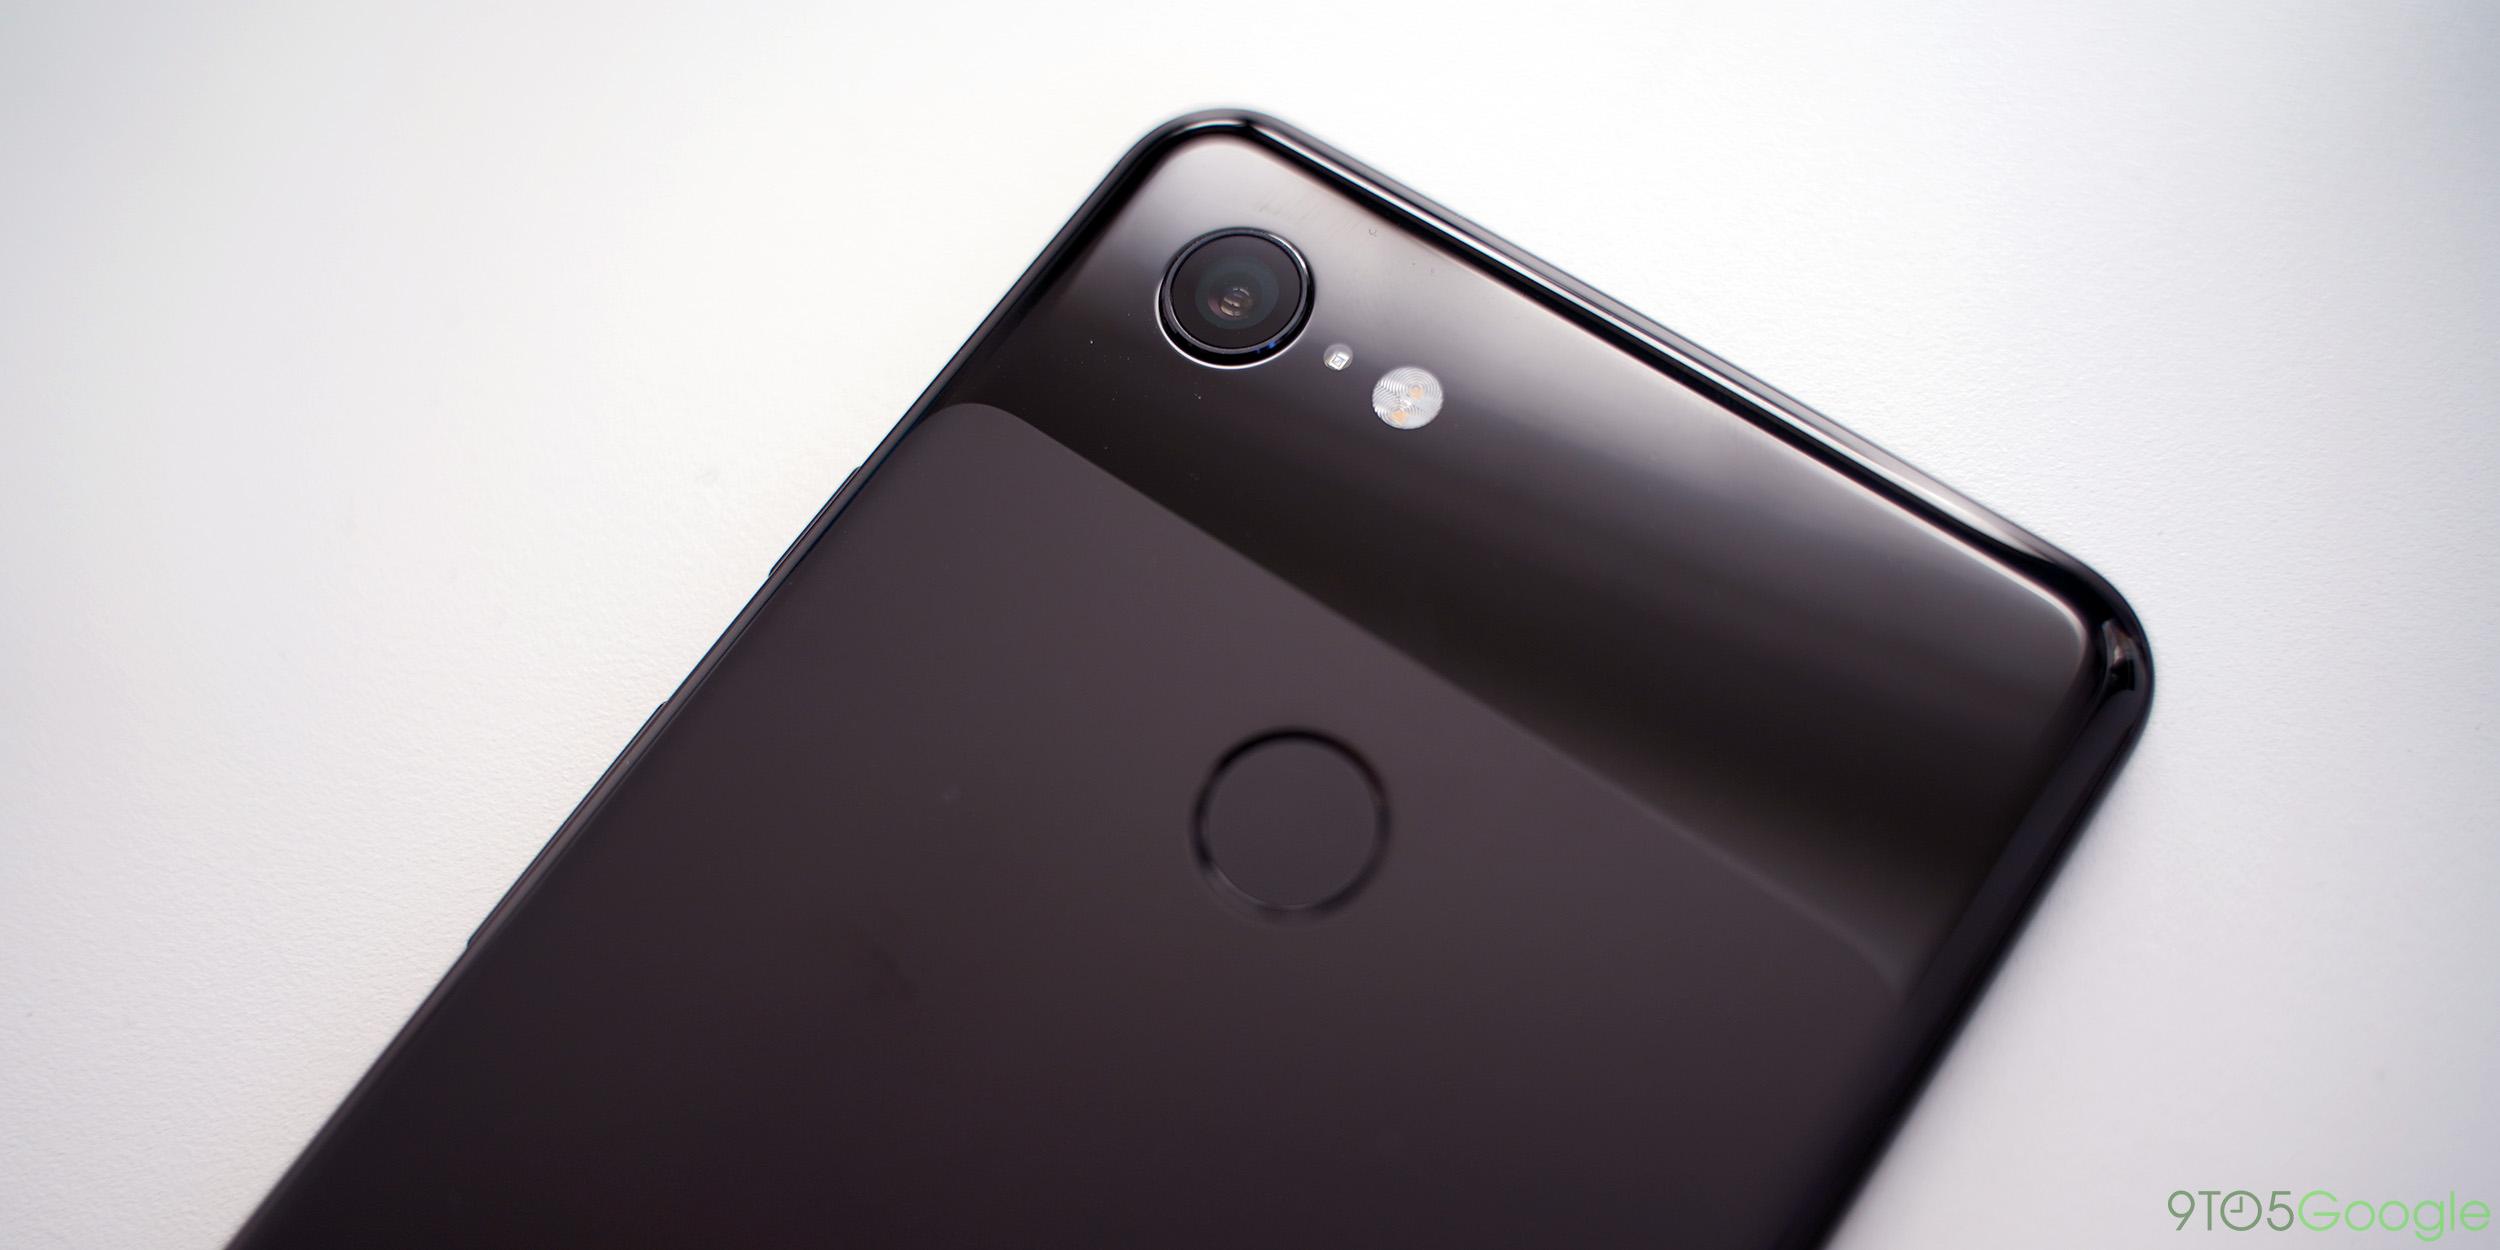 Die Top-Storys dieser Woche: Pixel 3 DxO, dunkler Modus, Tipps für den Google Home Hub, Ticwatch C2 und mehr